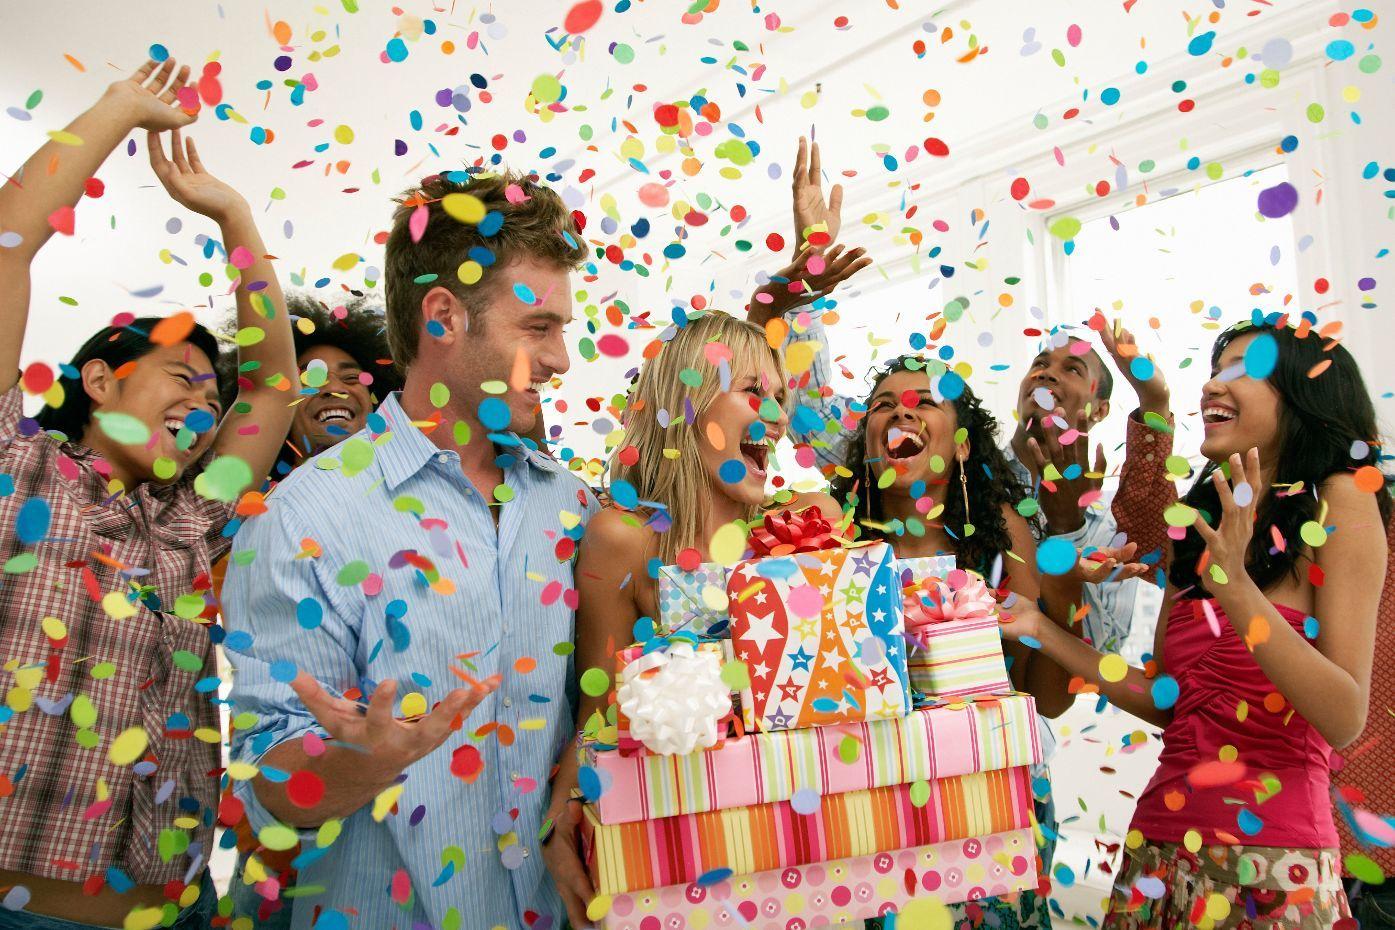 войлок 14 июня 2917 день свадьбы приворот